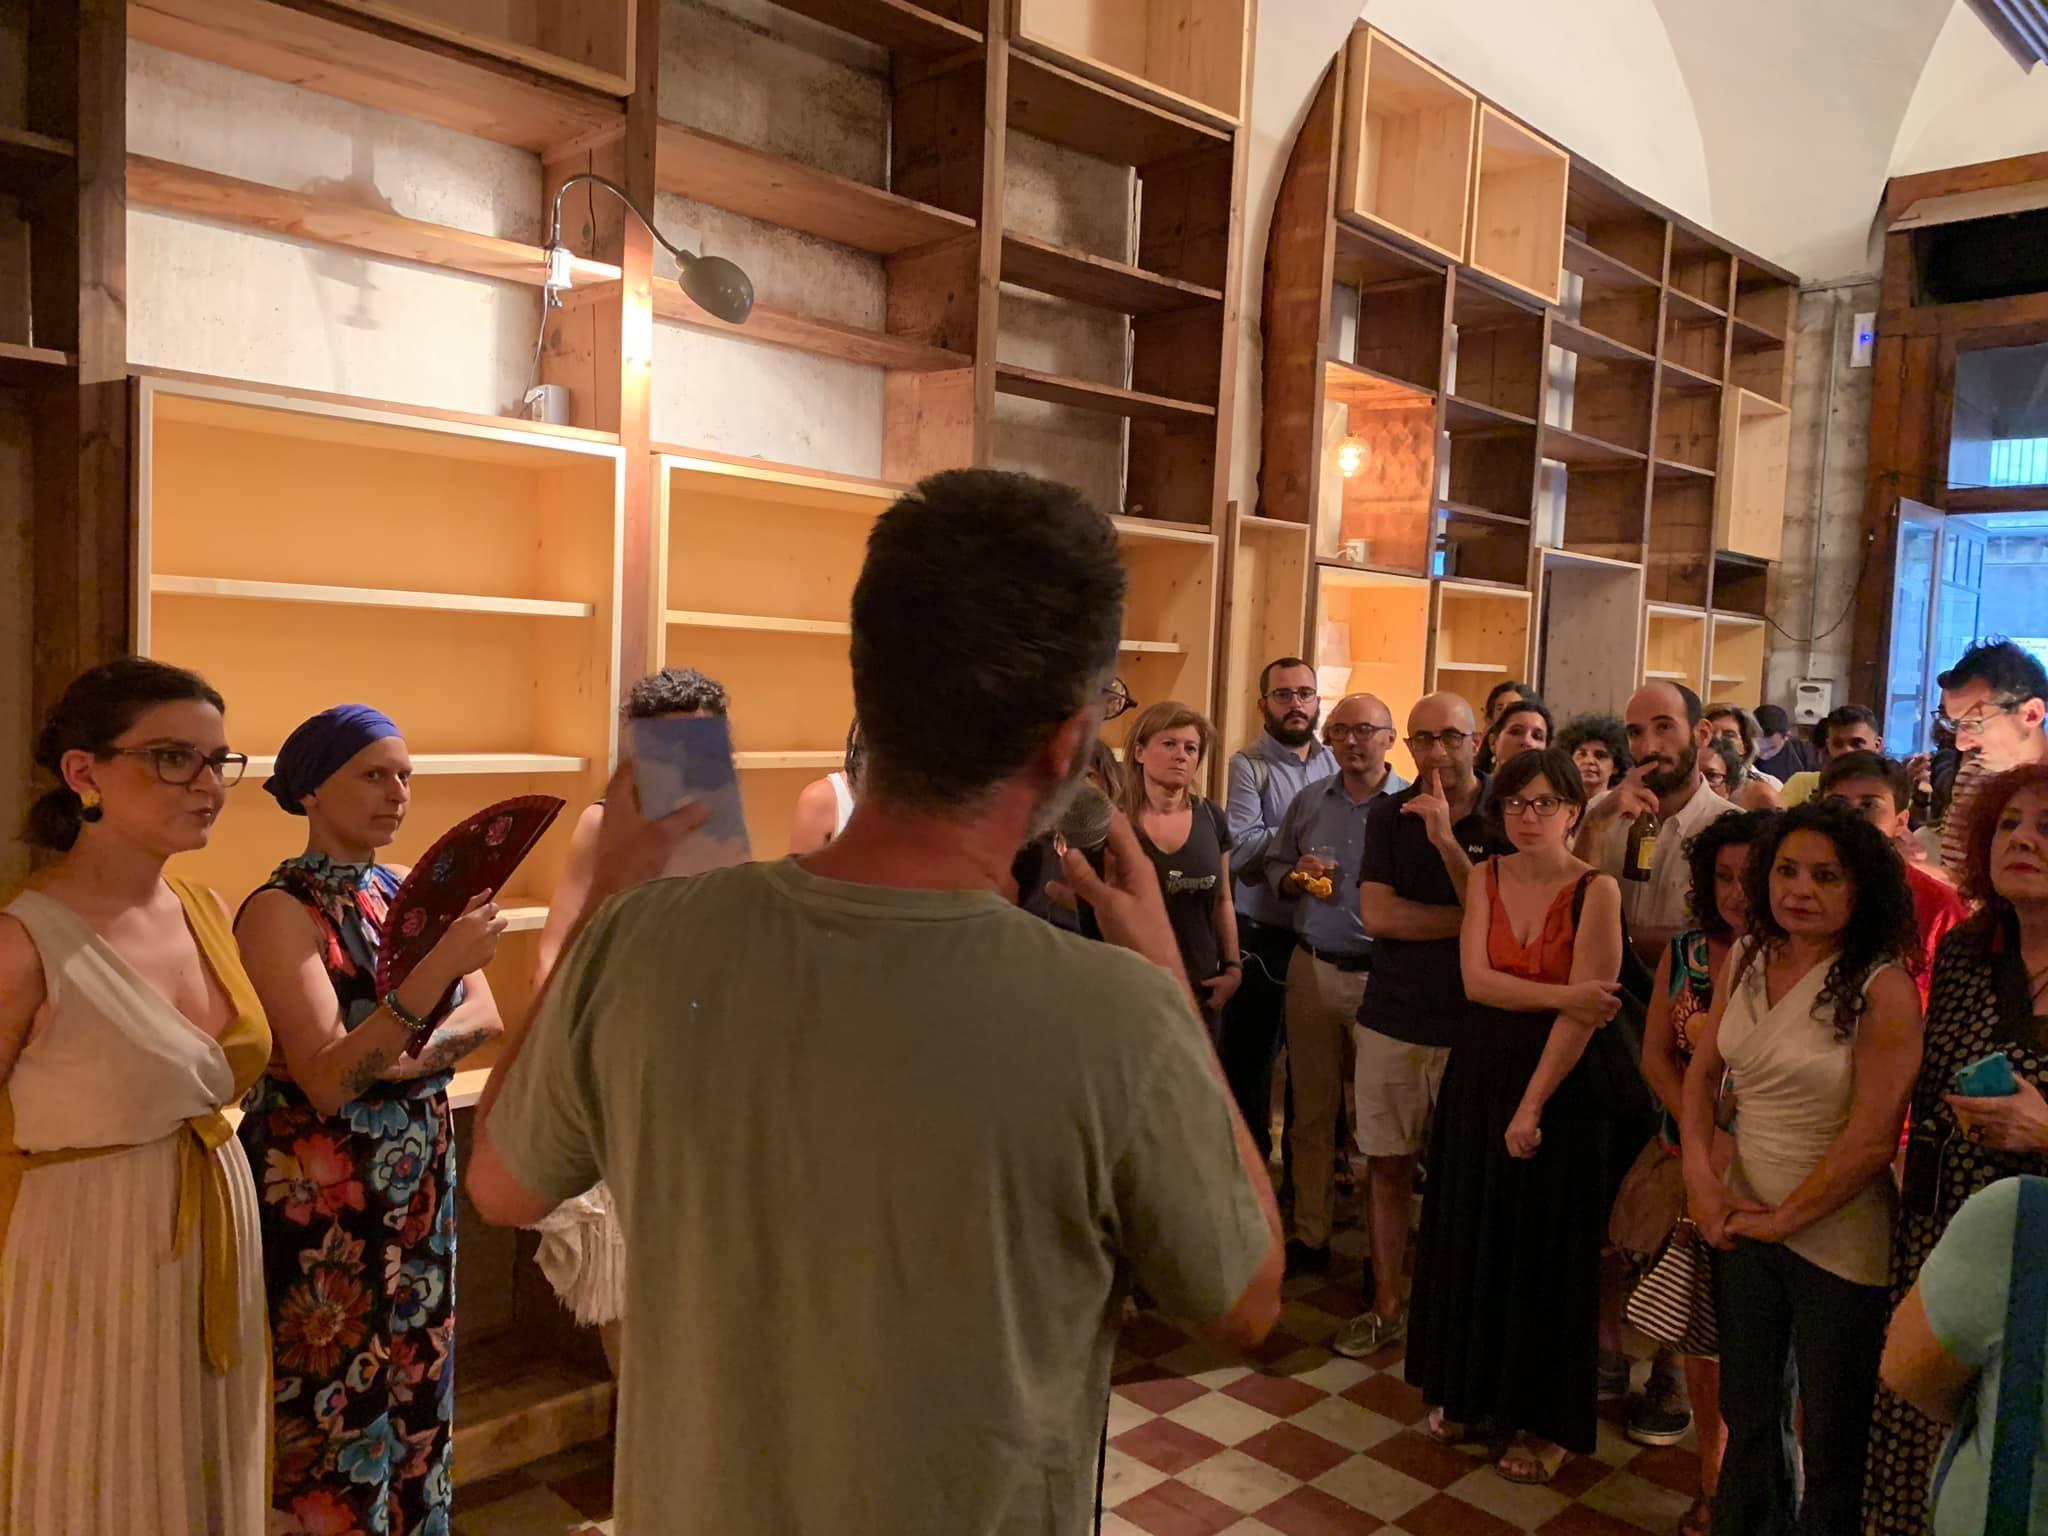 Le sorelle Sciacca e Marco Terranova presentano il cantiere Prampolini, lo scorso 17 luglio